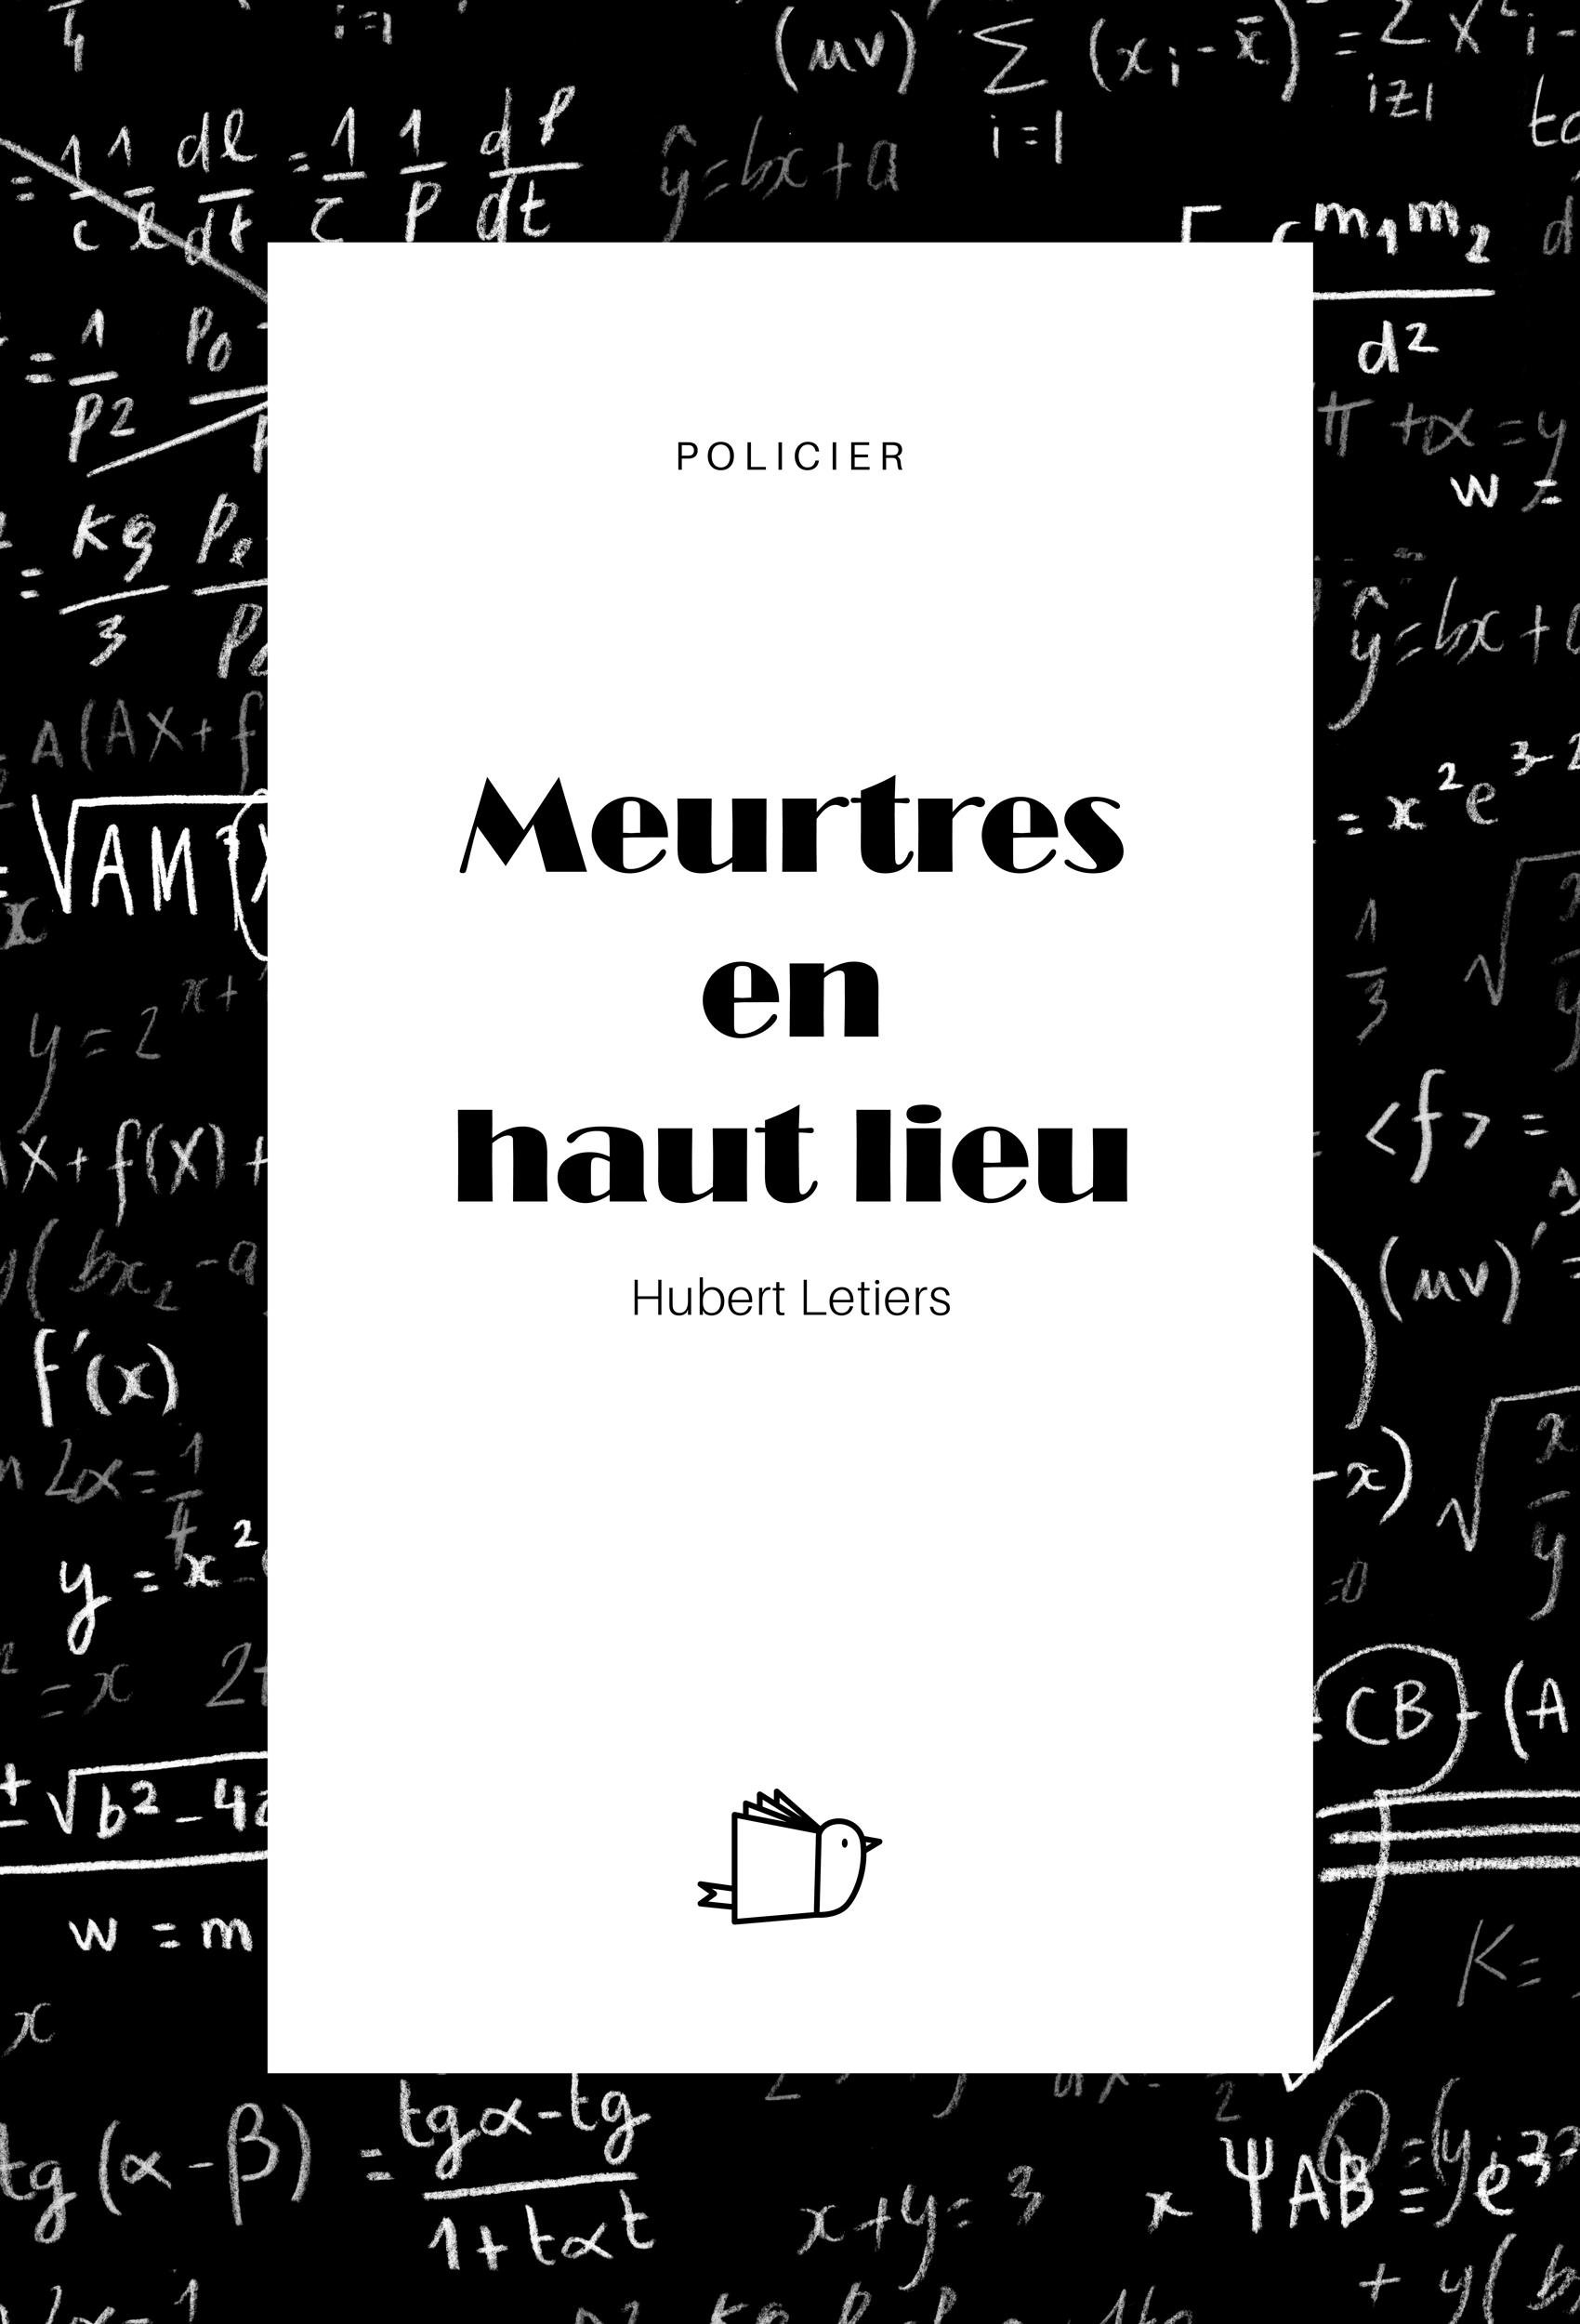 Meurtres en haut lieu, de Hubert Letiers